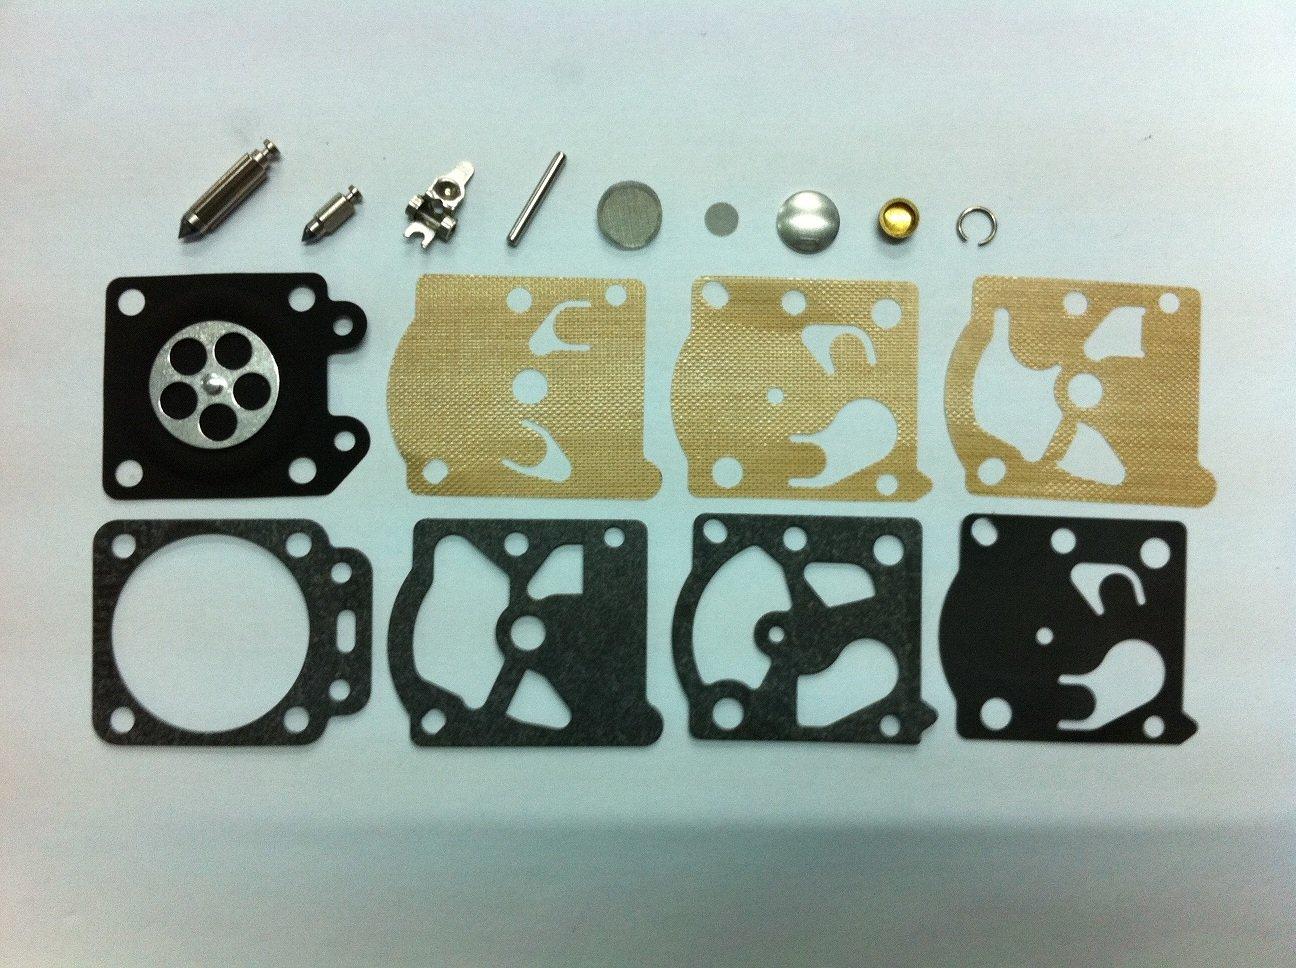 /R/éparation de carburateur Rebuild kit Remplace Walbro K24-wat pour Walbro Wt-274 1/et Wt-424 1/Carburateur Mod/èles Wt866/Wt924/Wt773/Wt775/Wt925/Wt973 STC Cts/